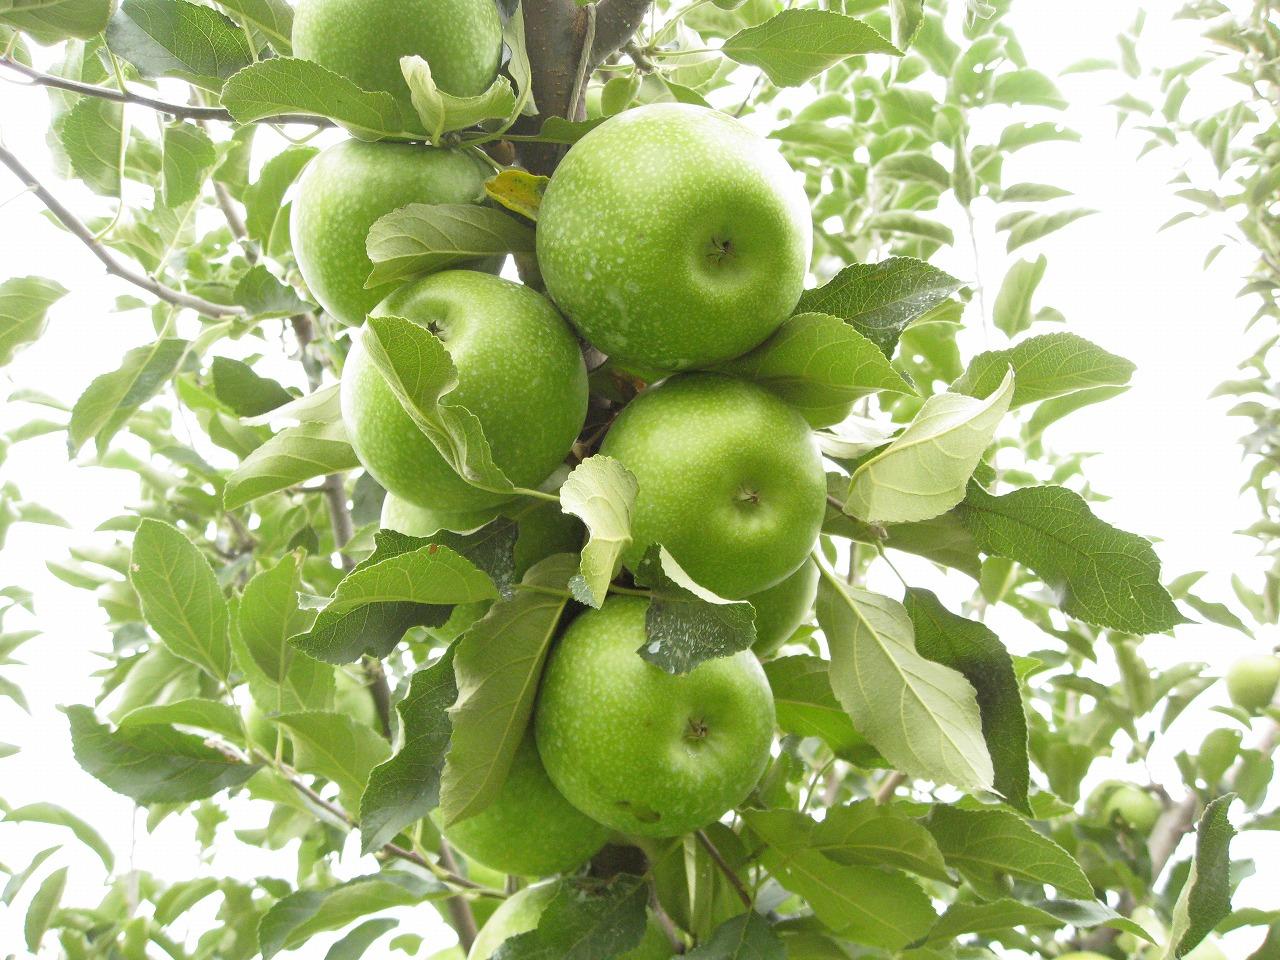 グラニースミスという品種は、小玉で放任でわわわわわっとならせ、早取りするりんごです。最近は人気が出てきたので作っている人もいますが、10年ほど前はほとんど作られていませんでした。りんごは嗜好品だから加工用ではお金にならない、というのが理由です。糖度が高く、大玉で、しかも赤いものが好まれるのです。